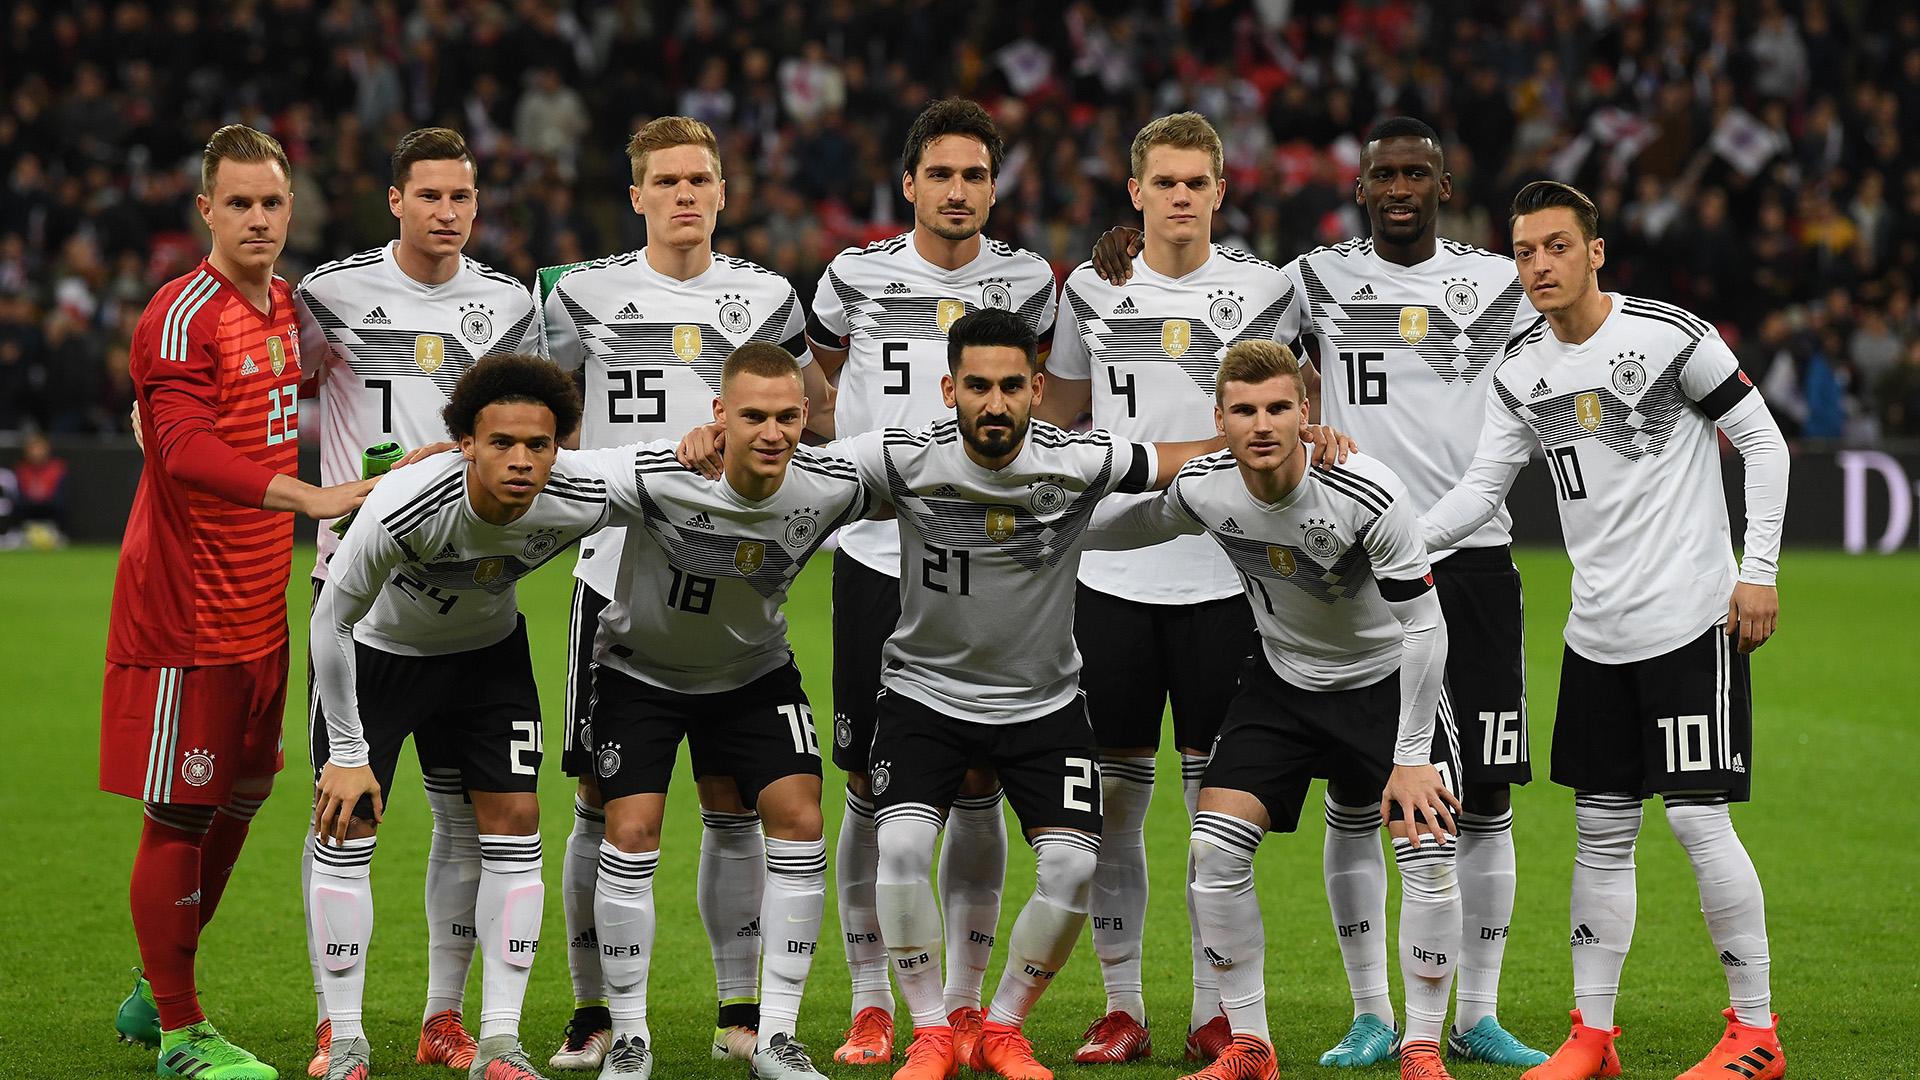 Con un promedio de edad de 26 años, el valor de Alemania es de 748,70 millones de dólares